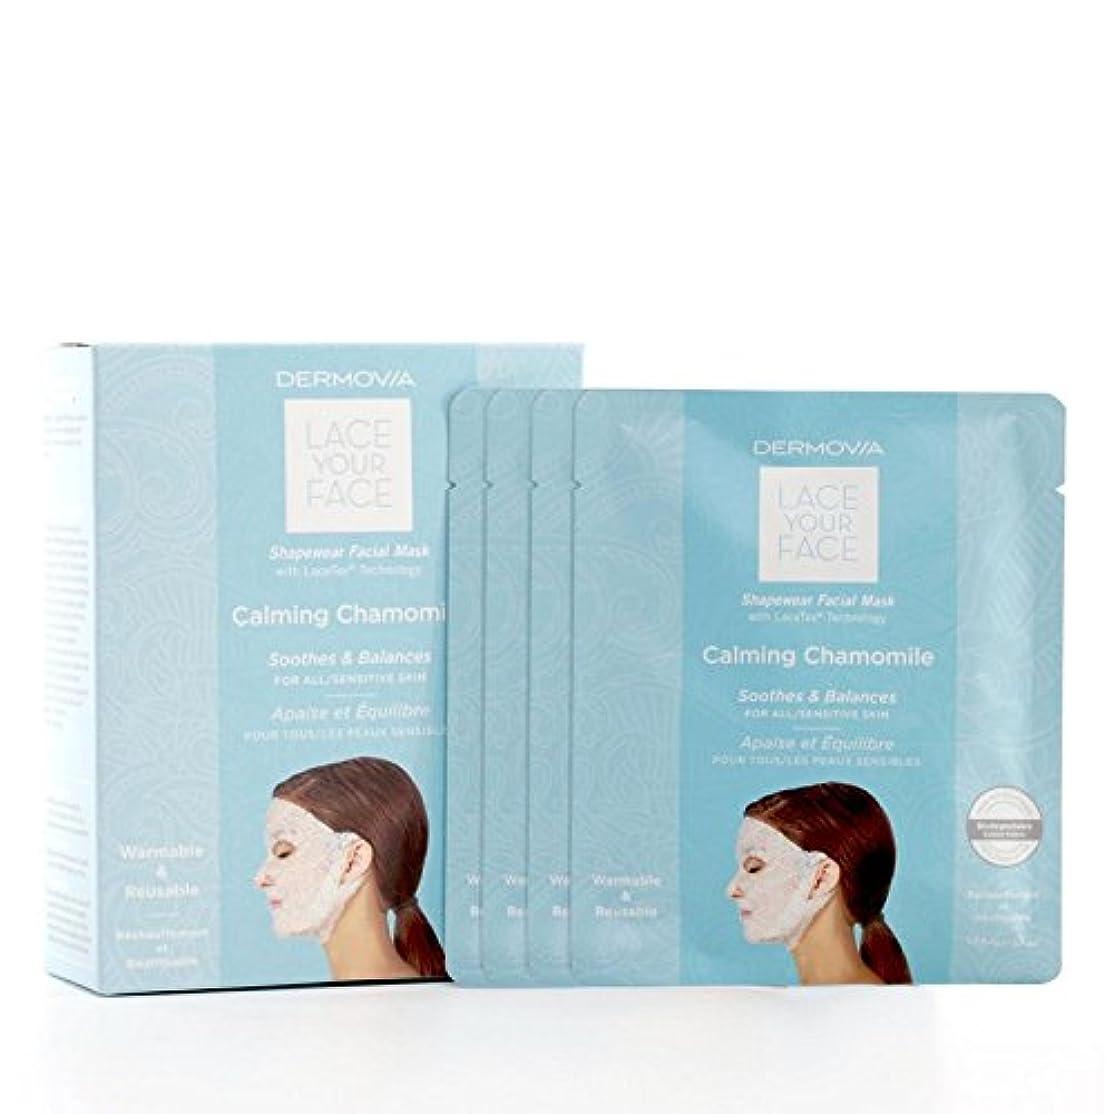 フレア解体する乳製品は、あなたの顔の圧縮フェイシャルマスク心を落ち着かせるカモミールをひもで締めます x4 - Dermovia Lace Your Face Compression Facial Mask Calming Chamomile...